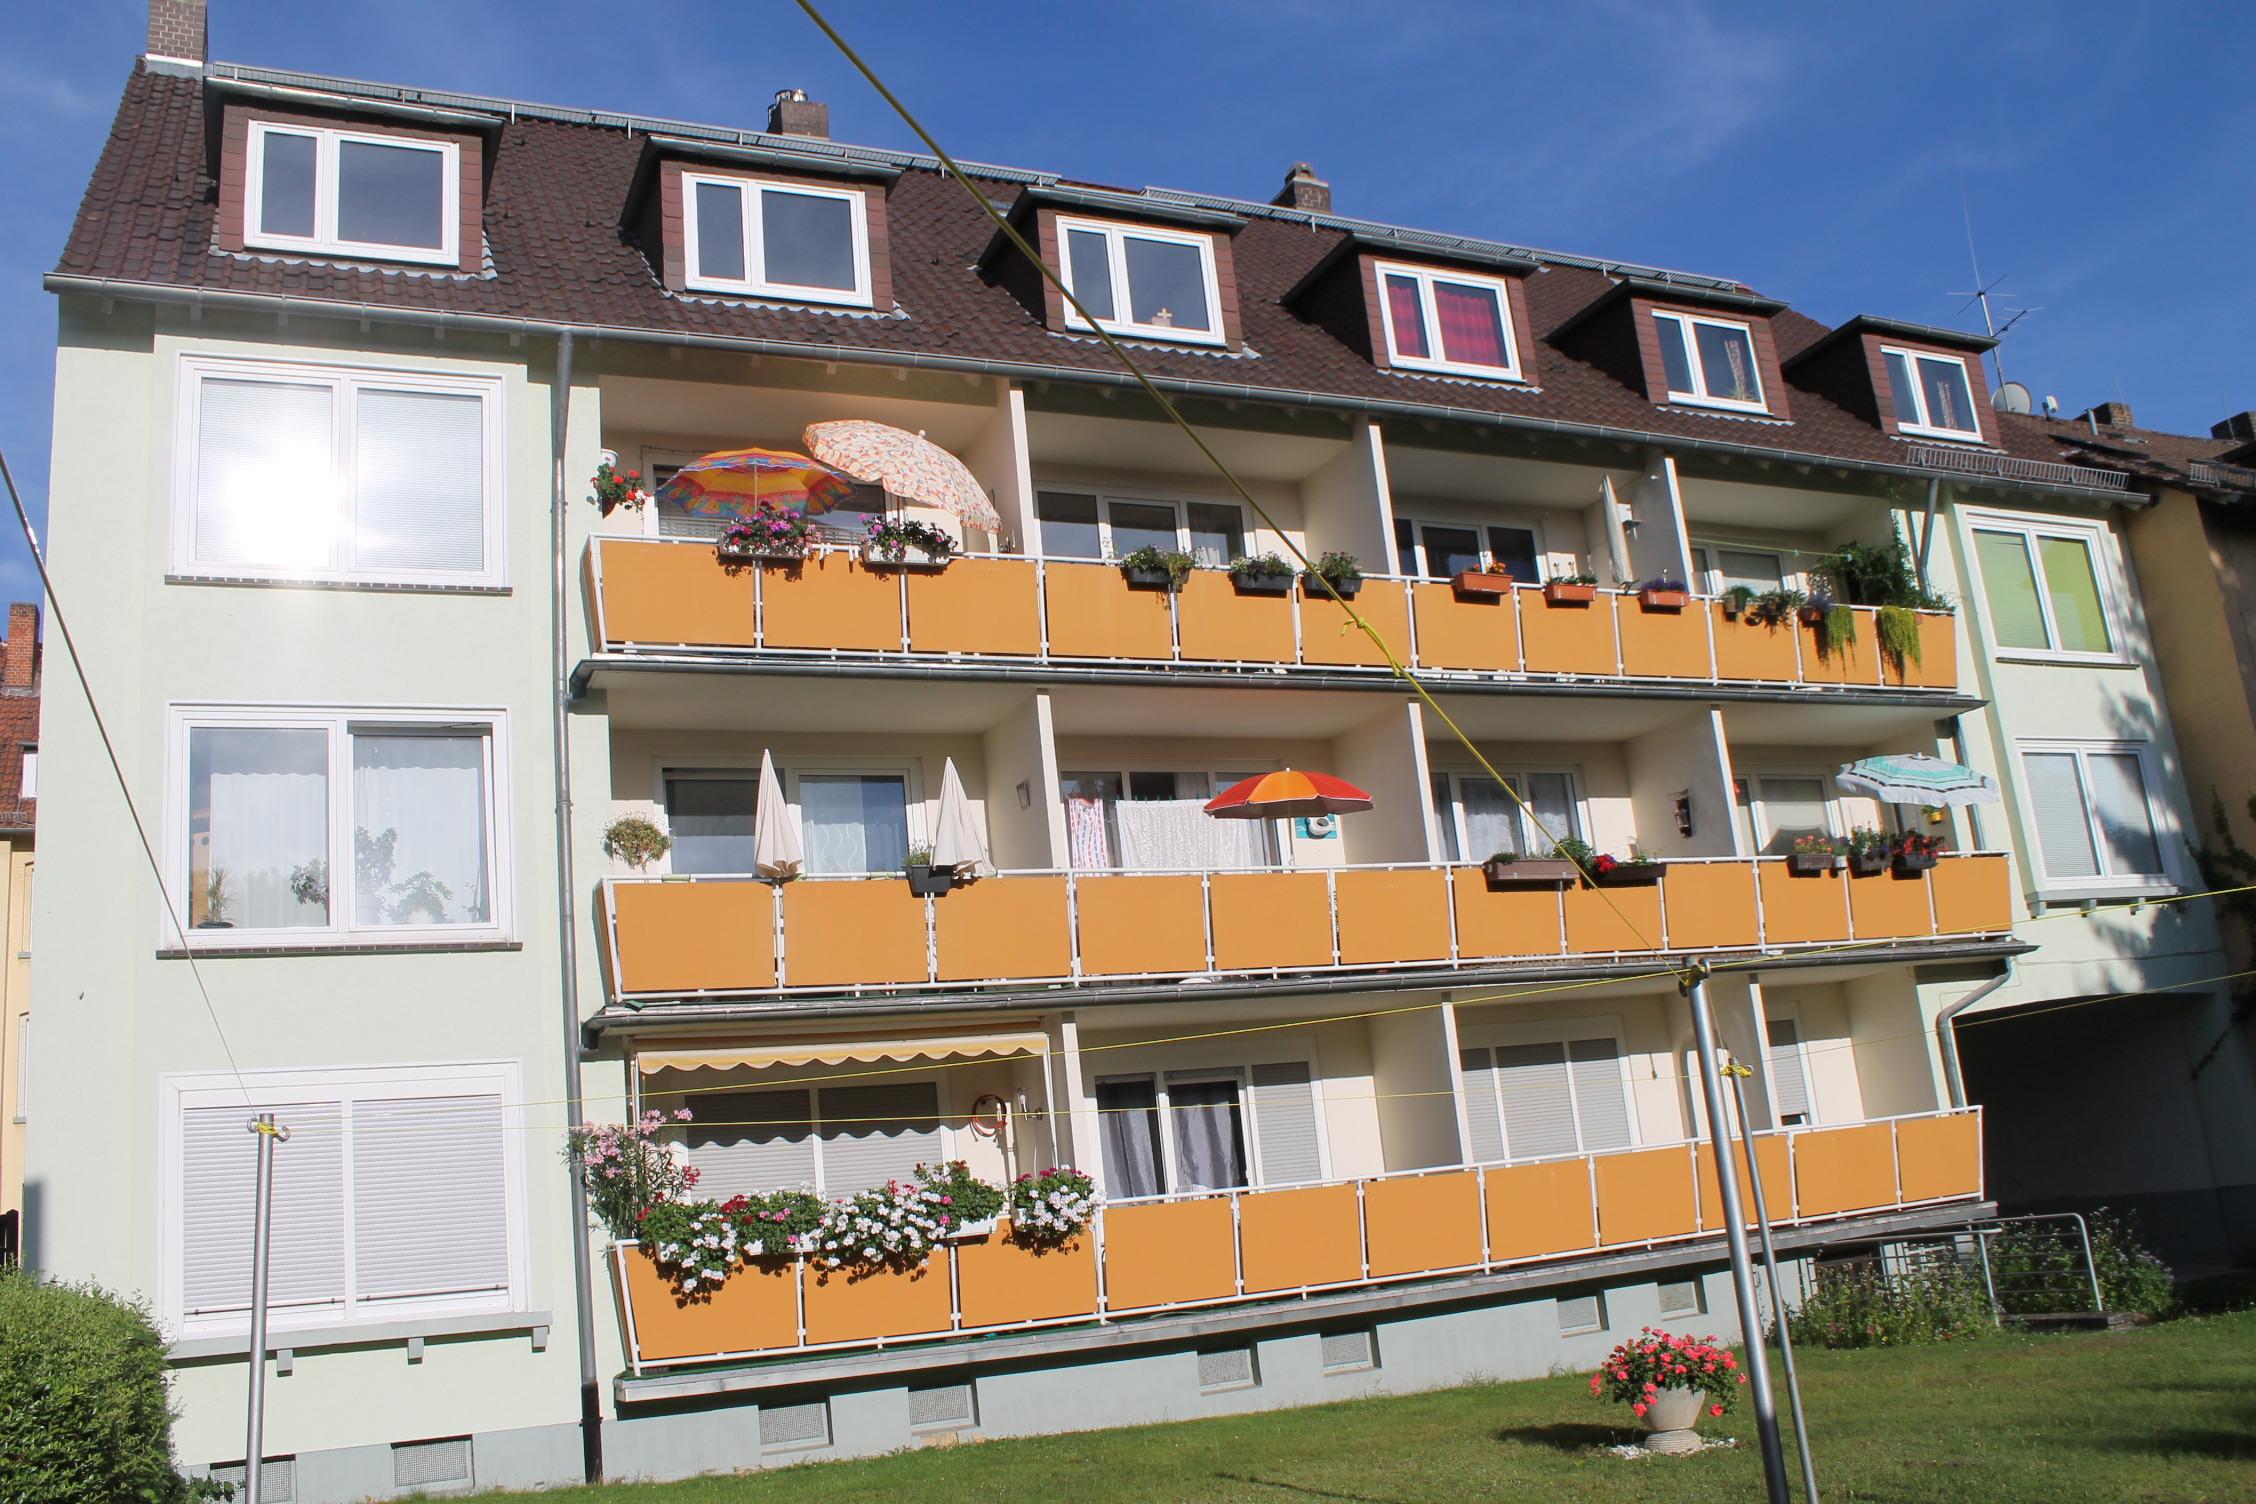 Mehrfamilienhaus, Kassel Weststadt